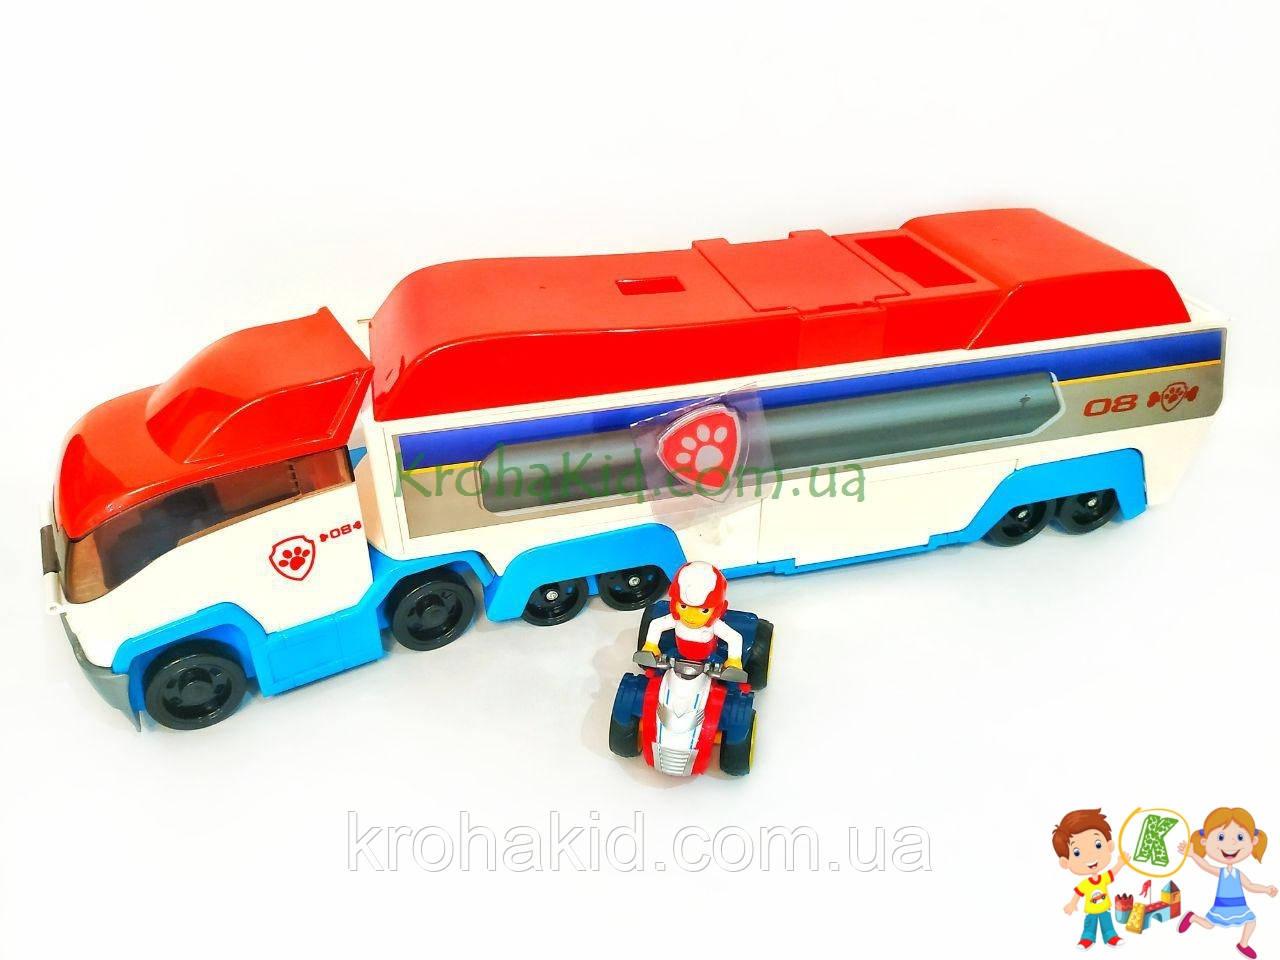 Детский большой автовоз Щенячий Патруль гараж на 3 машины GG020 paw patrol СО ЗВУКОВЫМИ ЭФФЕКТАМИ